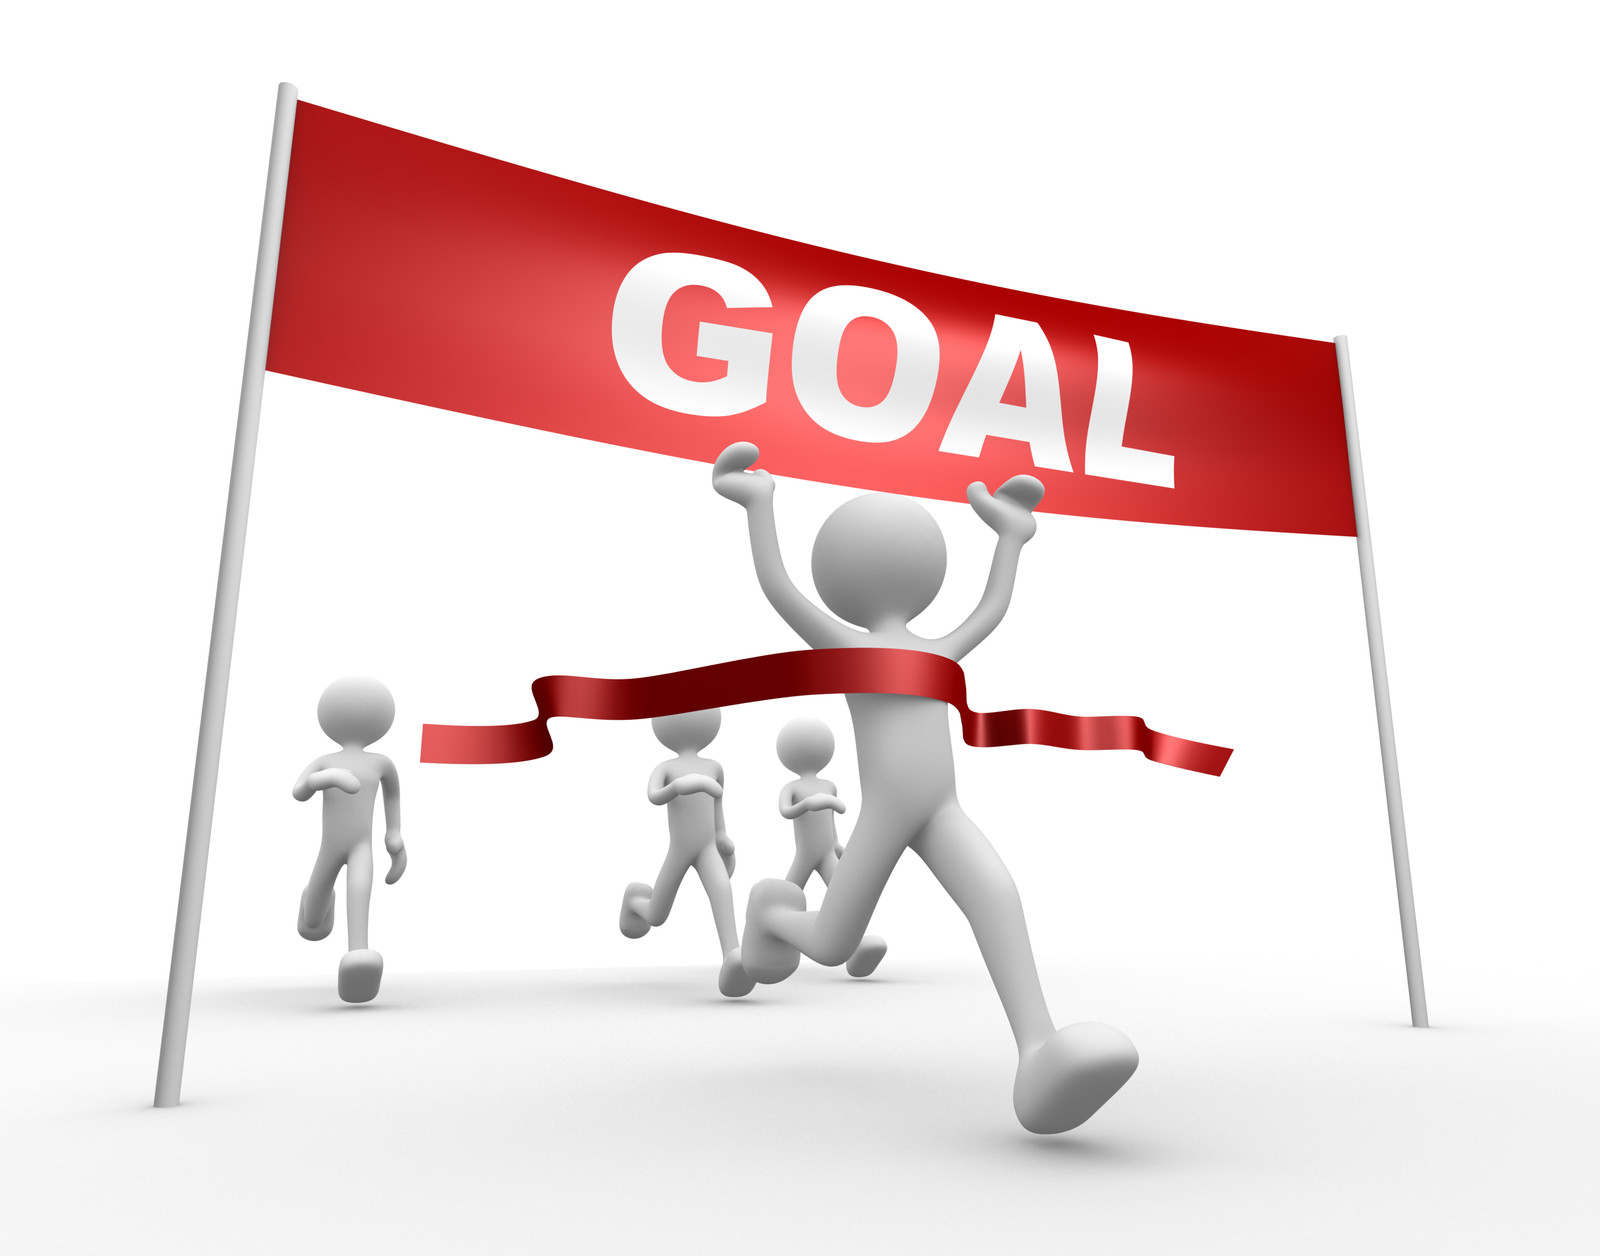 Goal clipart. Meeting goals